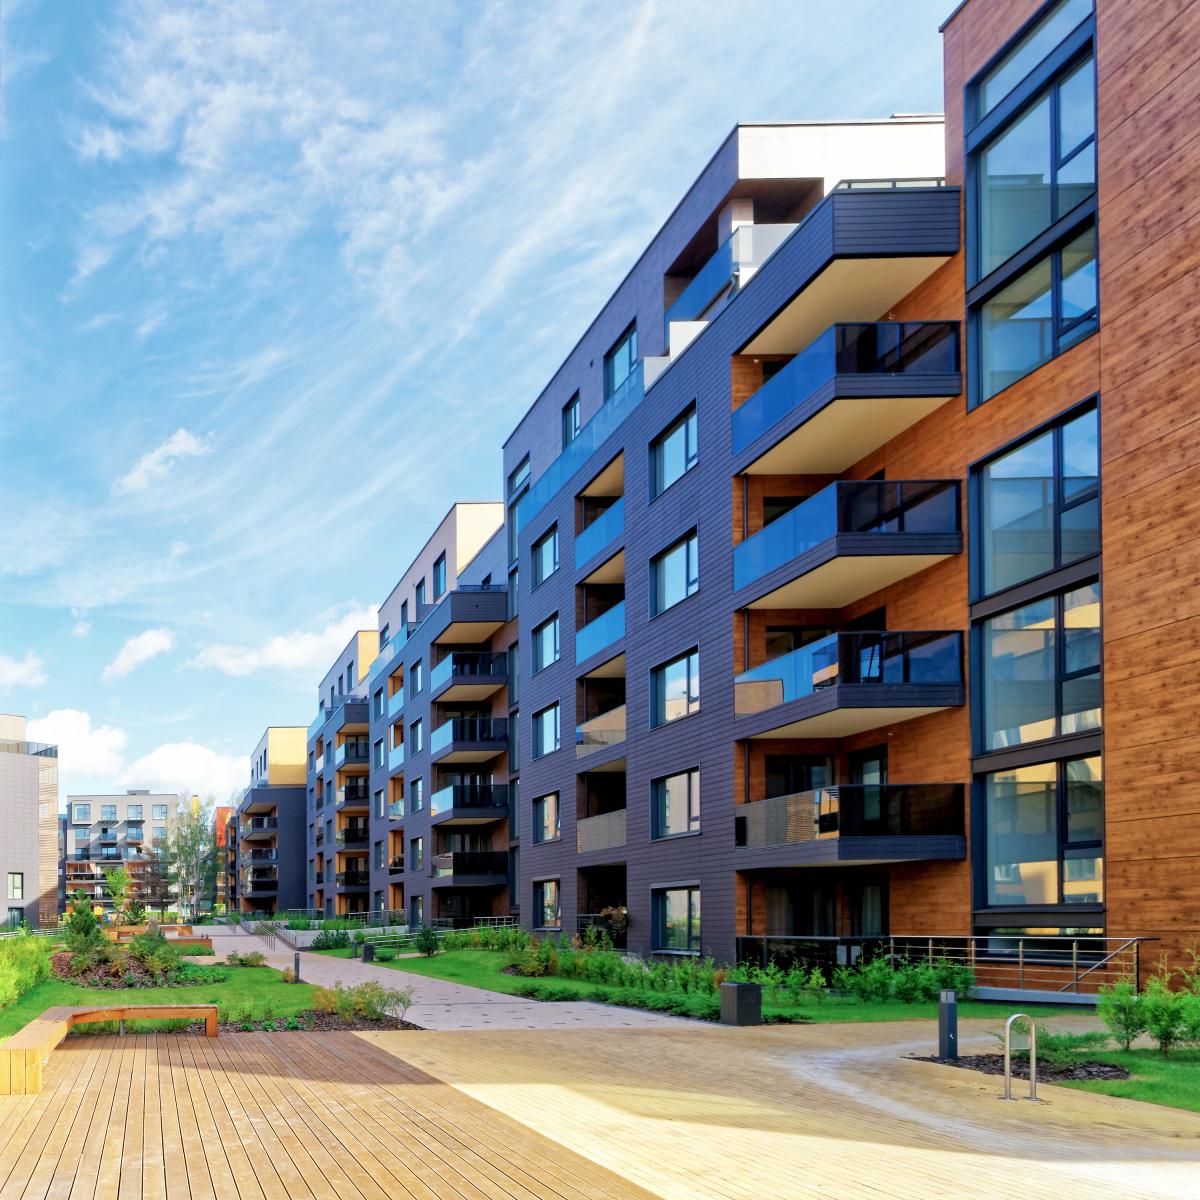 Défiscaliser à Nantes - Résidence neuve et immeubles avec façades en bois